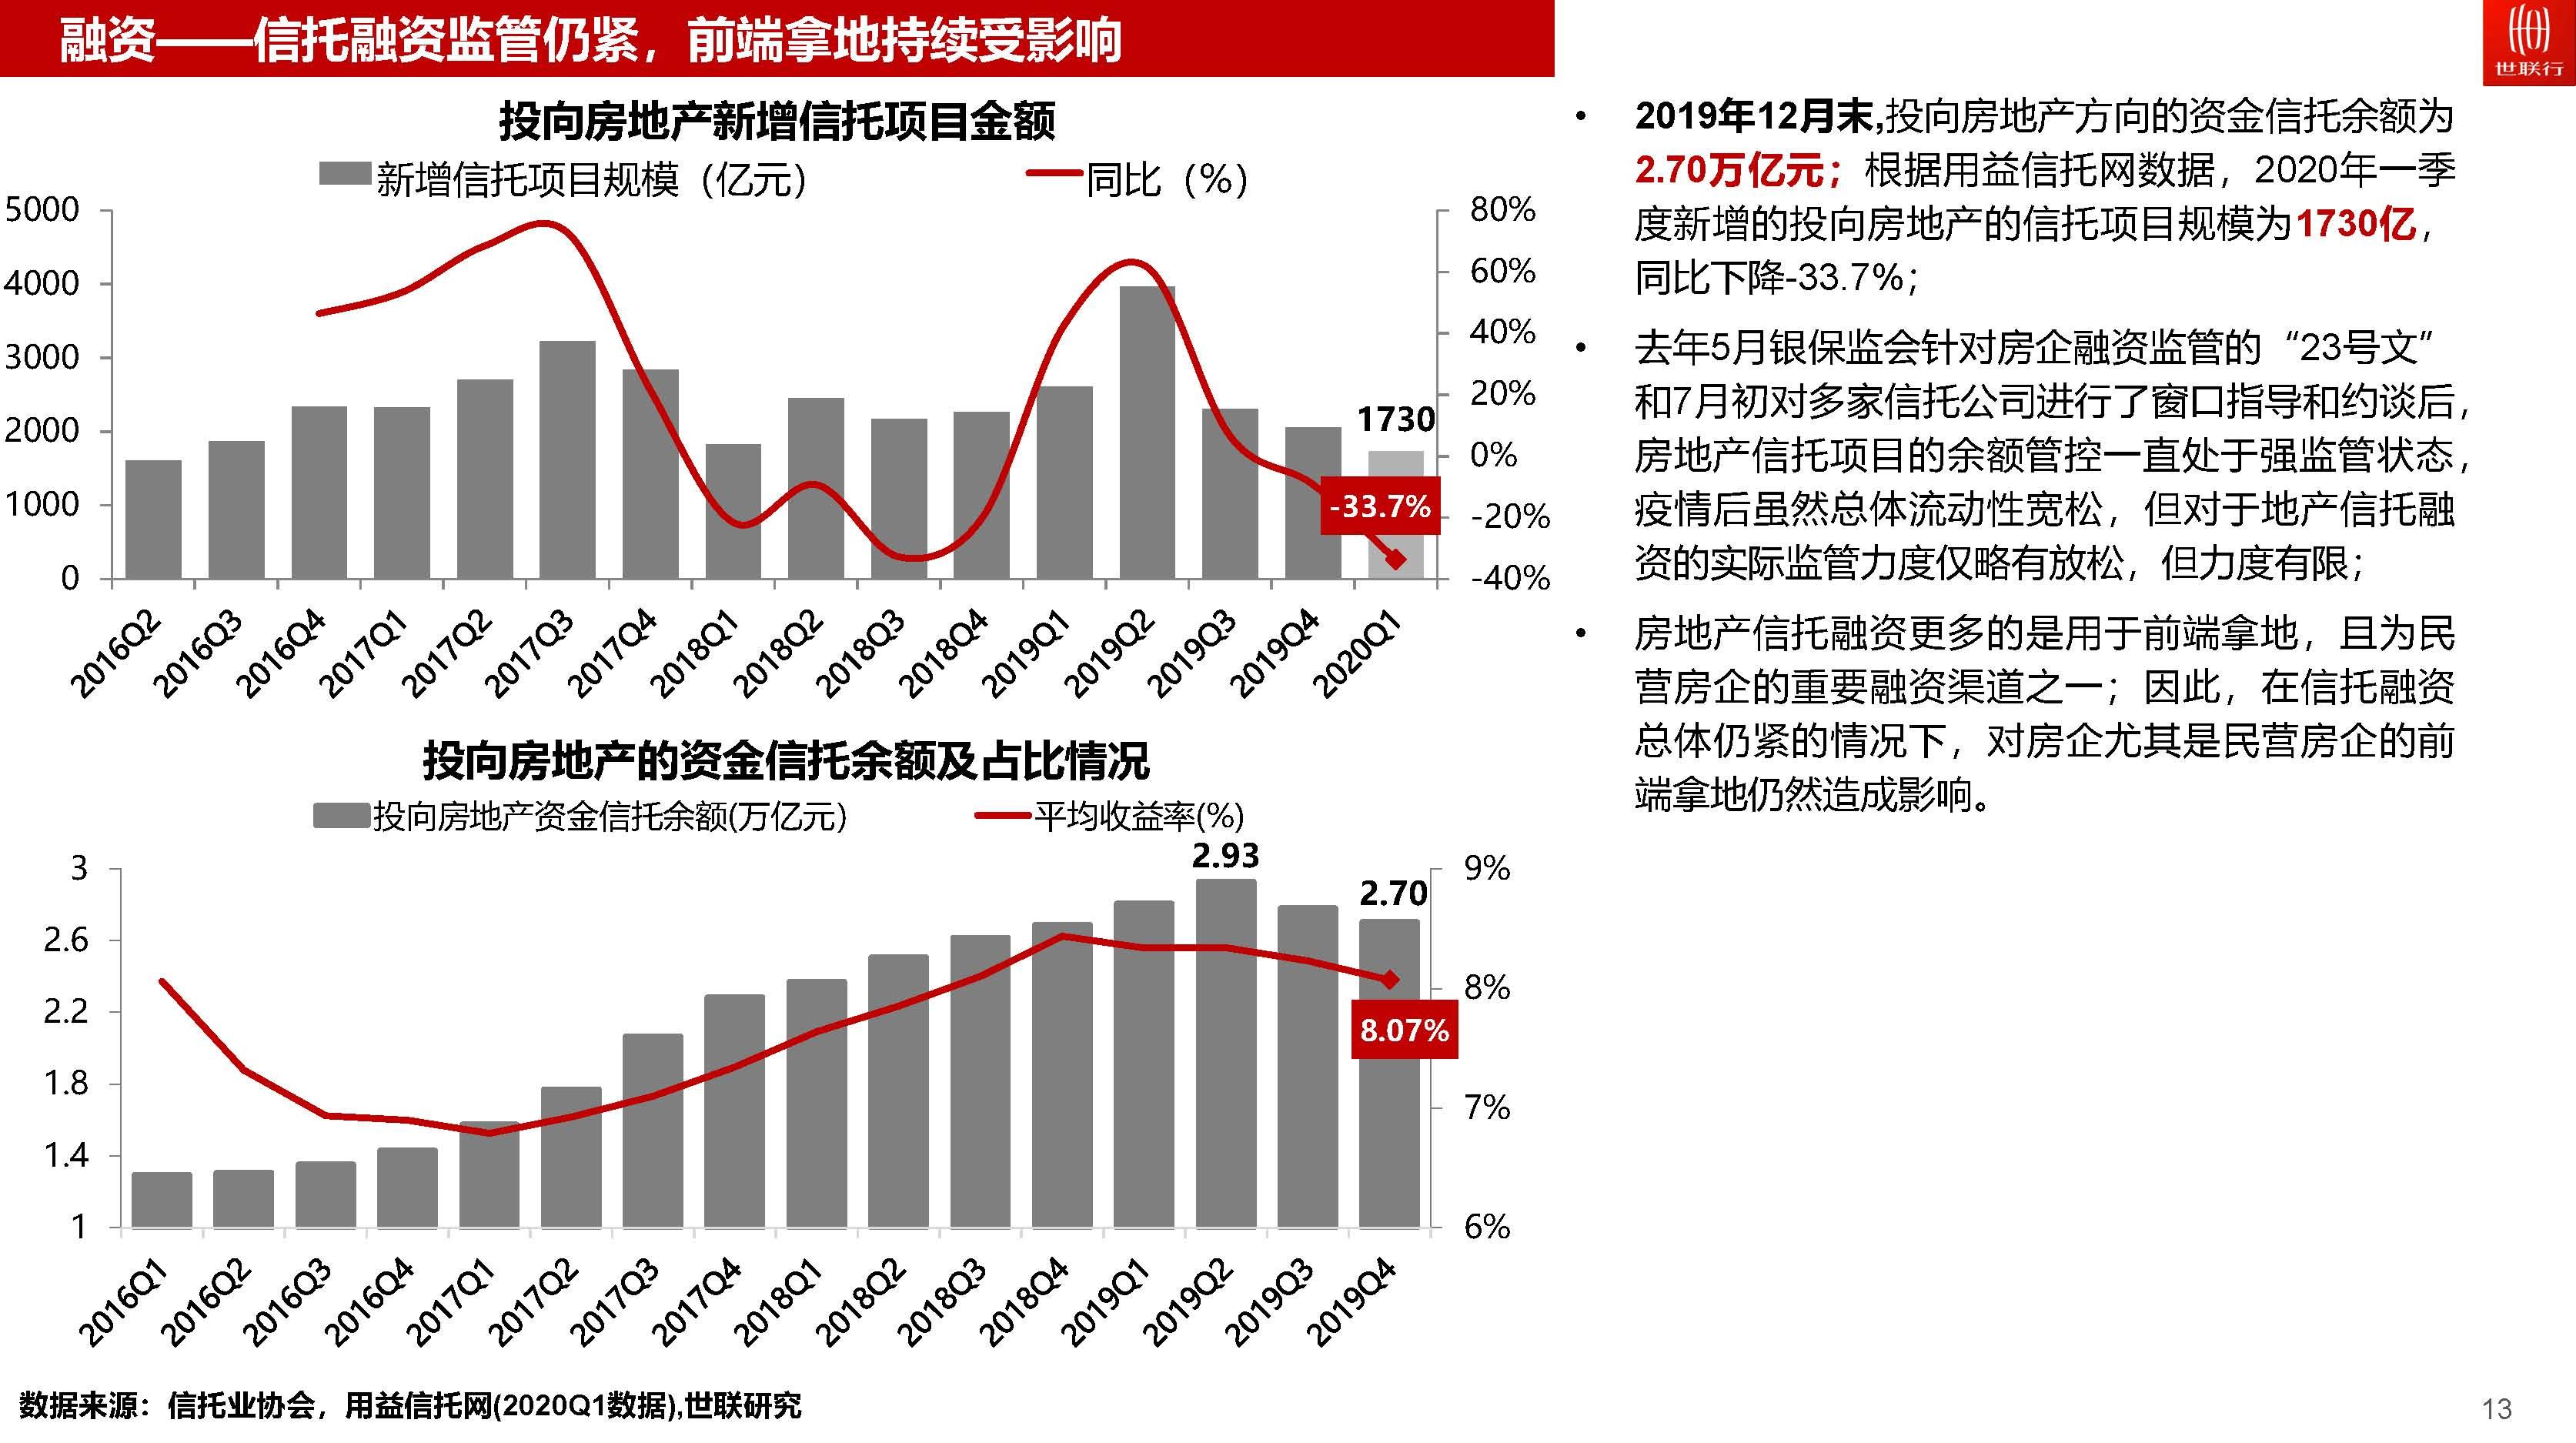 行业报告,世联-2020年一季度房地产市场回顾与后市展望